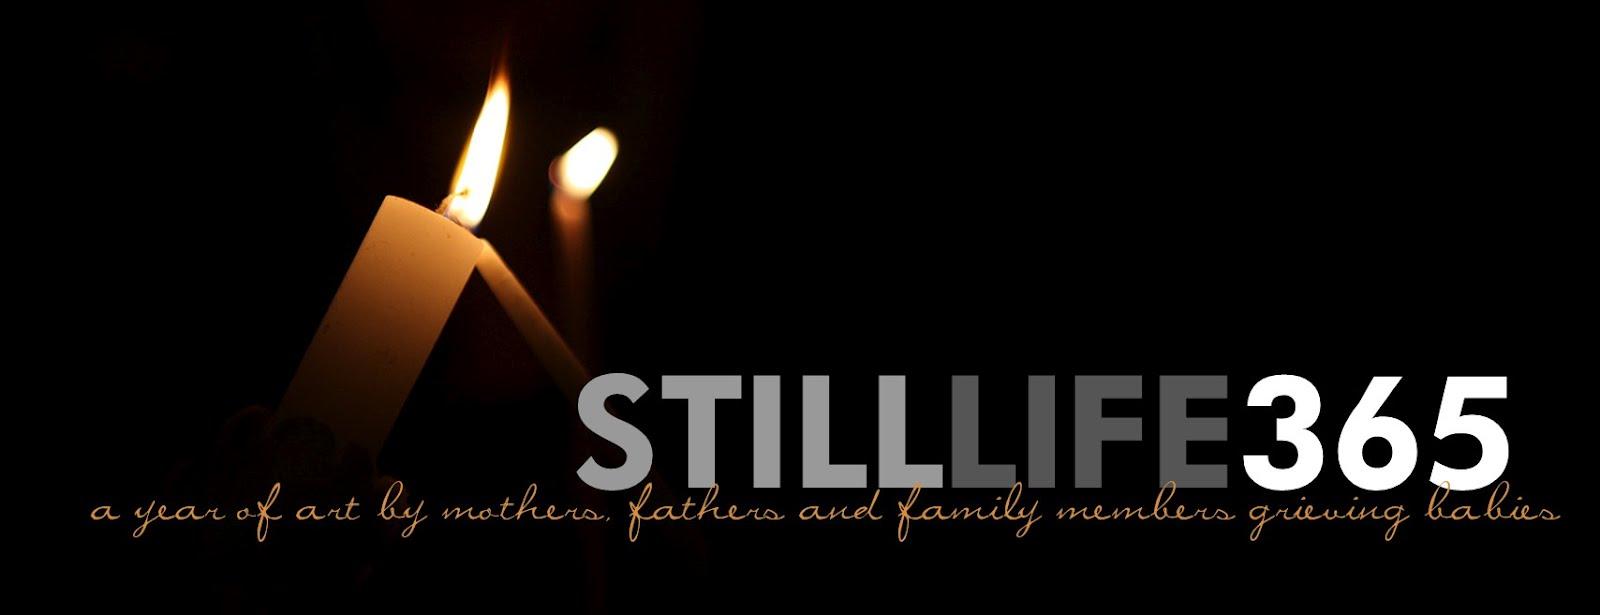 still life 365